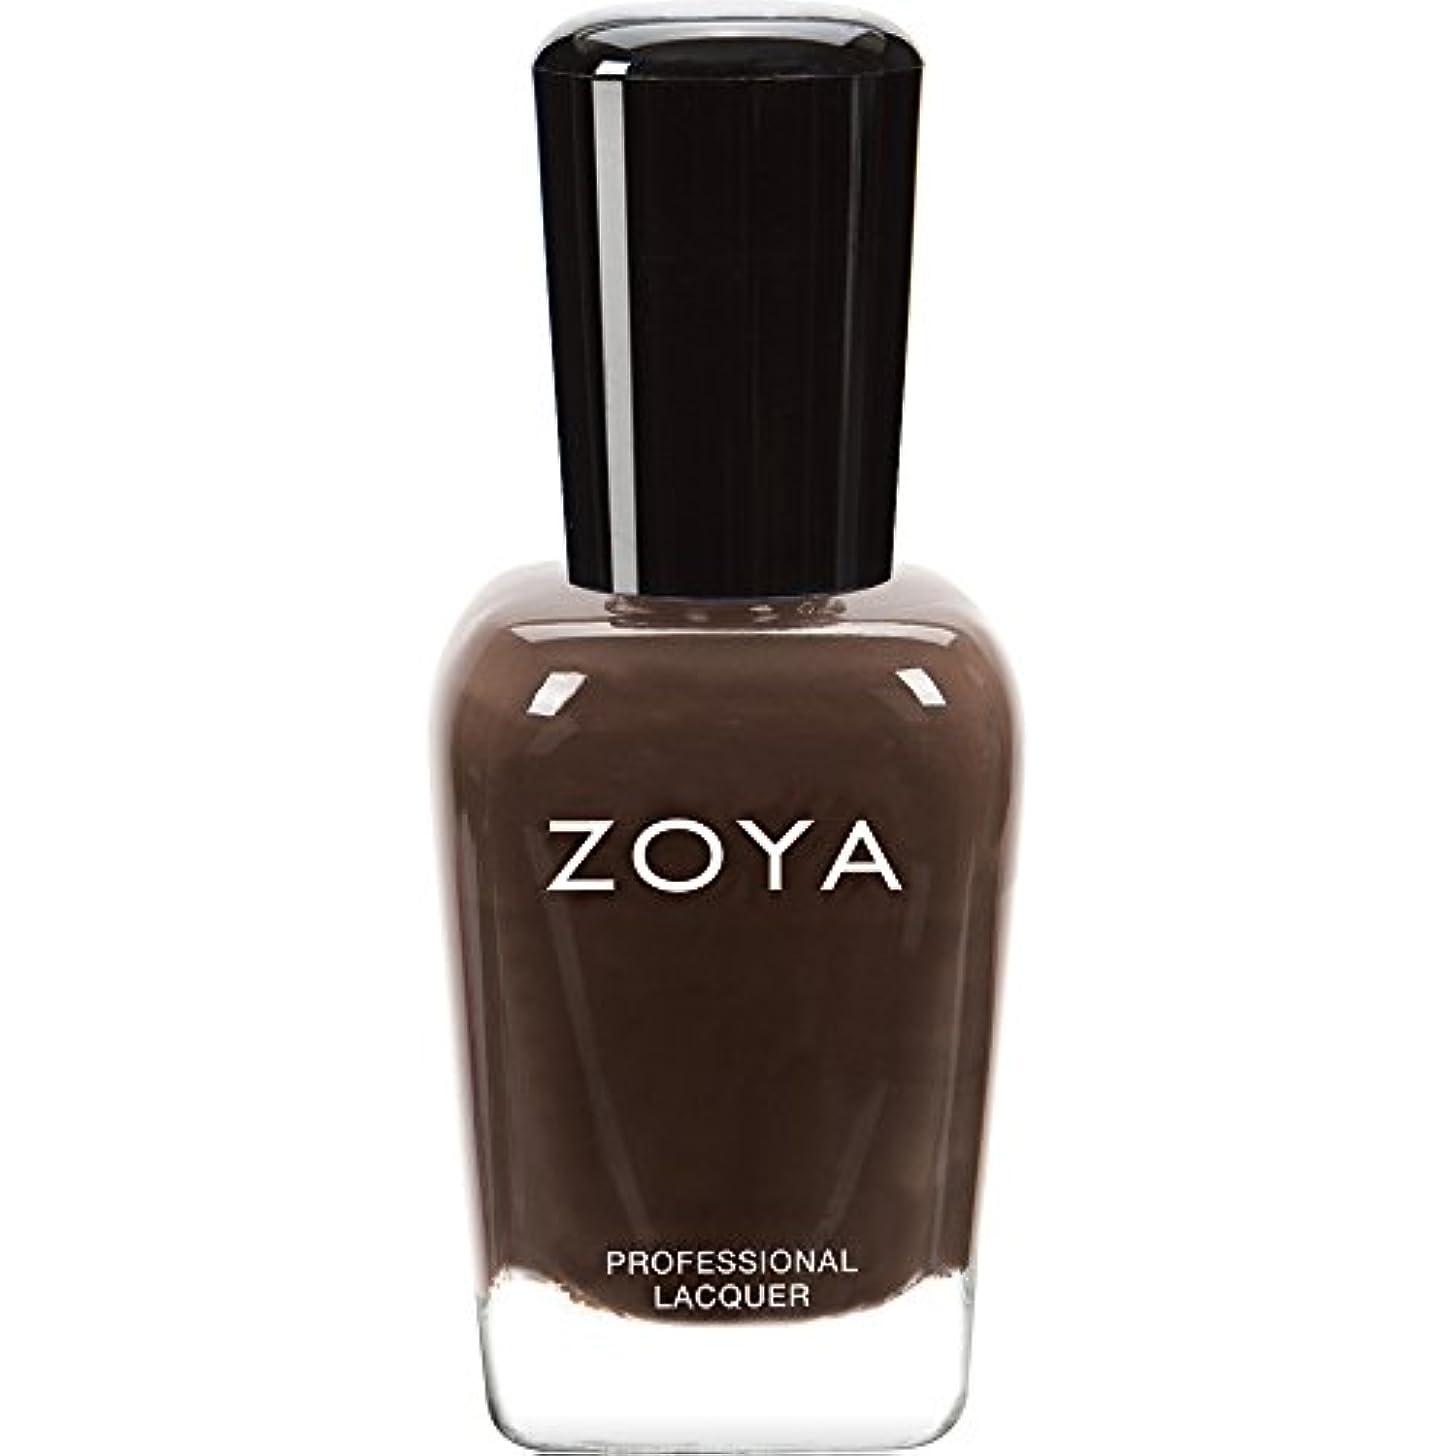 参加するテスト命題ZOYA ゾーヤ ZP744  Emilia エミリア 15ml Naturel DEUX(2) Collection ダークチョコレートクリーム マット 爪にやさしいネイルラッカーマニキュア